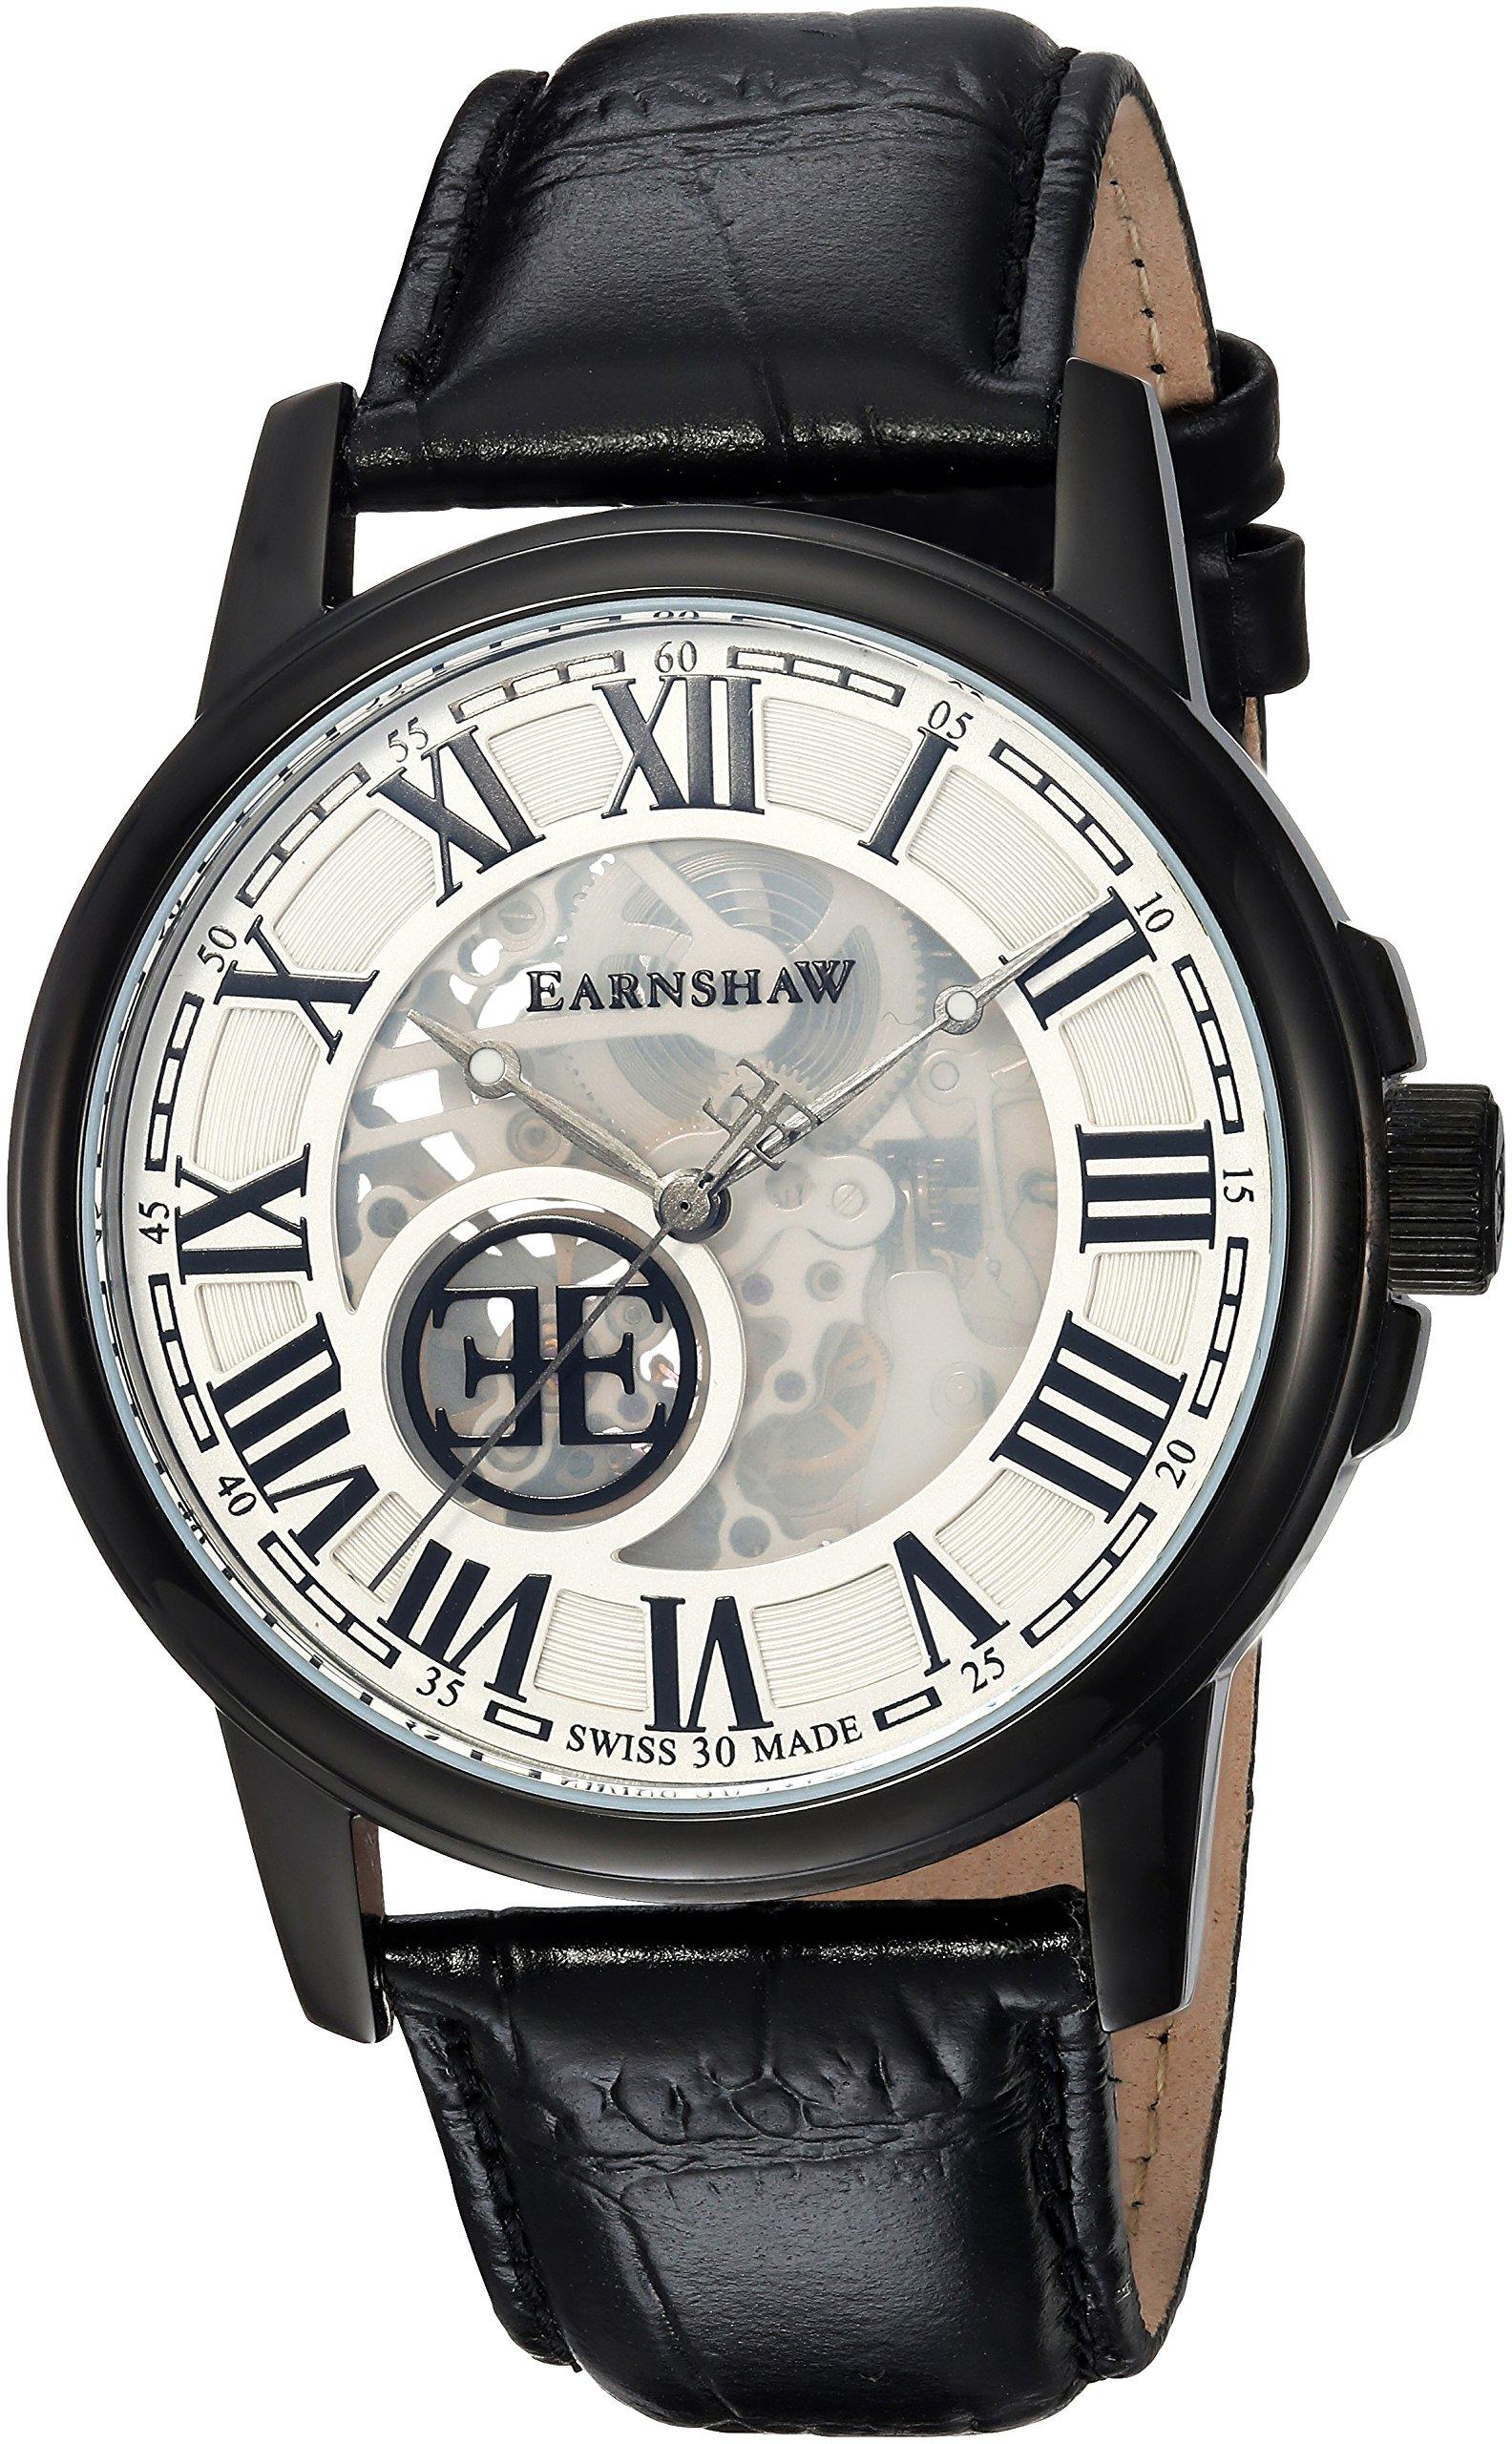 EarnShaw-Beagle-Herren-Armbanduhr-42mm-Leder-Schweizer-Automatik-ES-0028-03